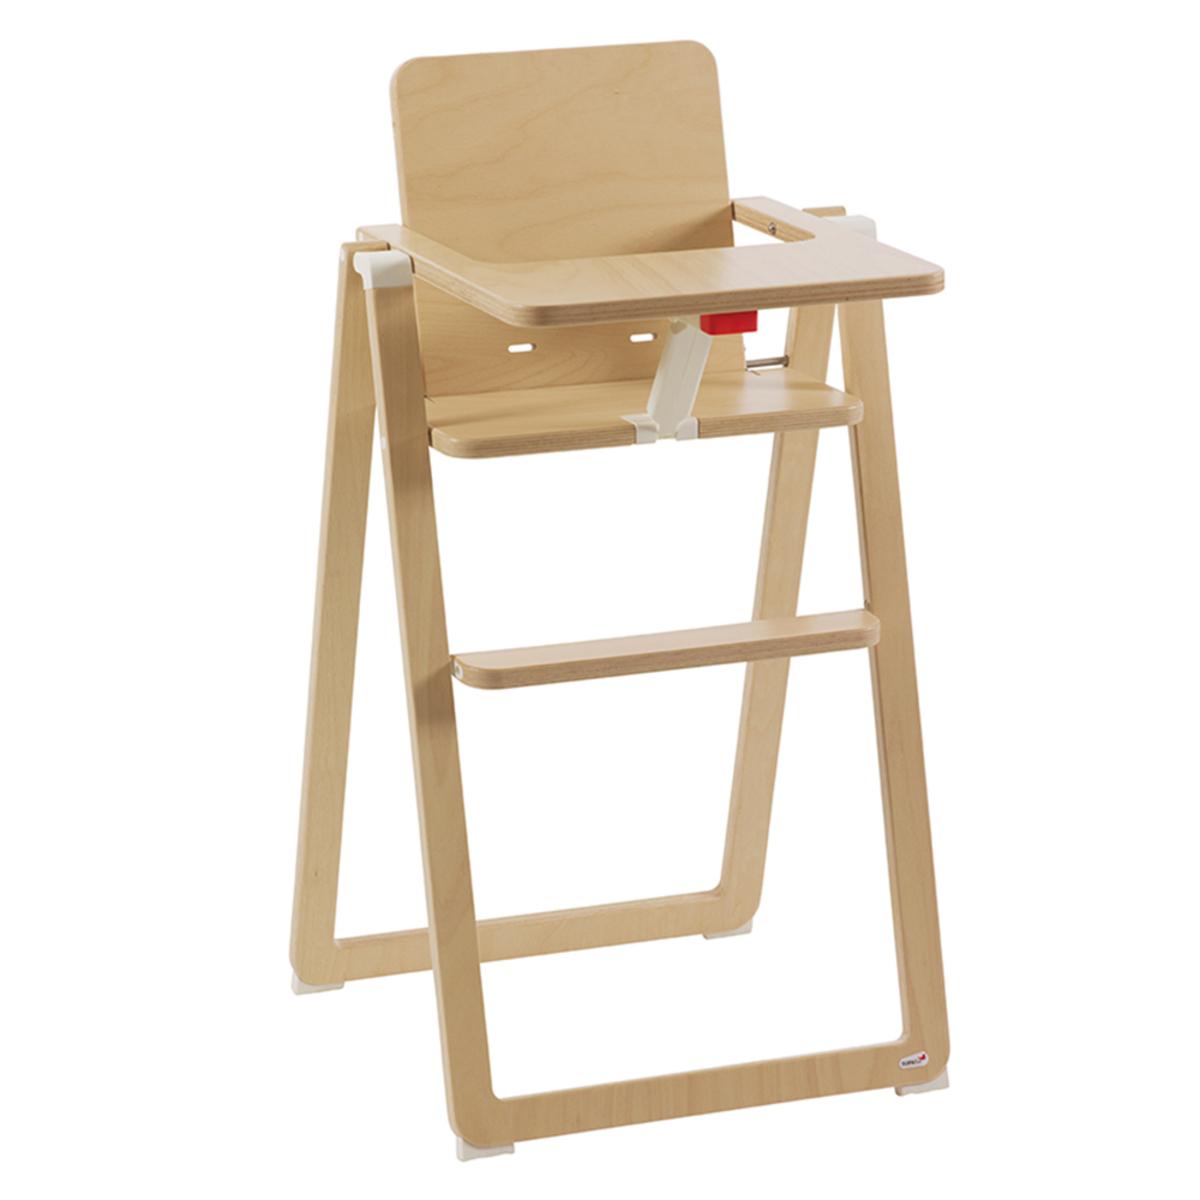 Chaise haute Chaise Haute SUPAflat - Nature Chaise Haute SUPAflat - Nature